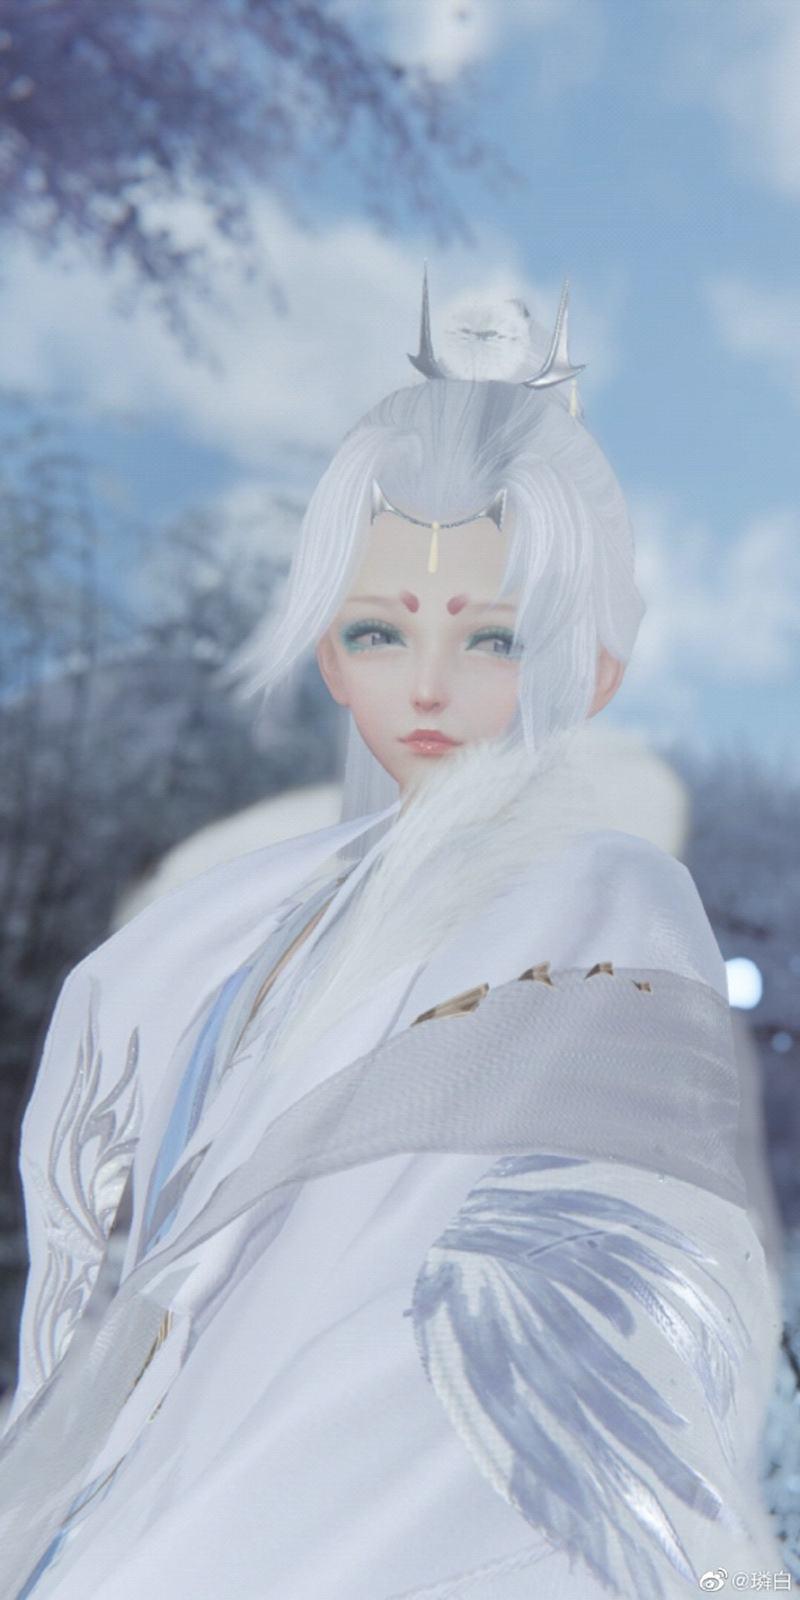 换上新衣迎新年 《剑网3》新春盛典火热进行中